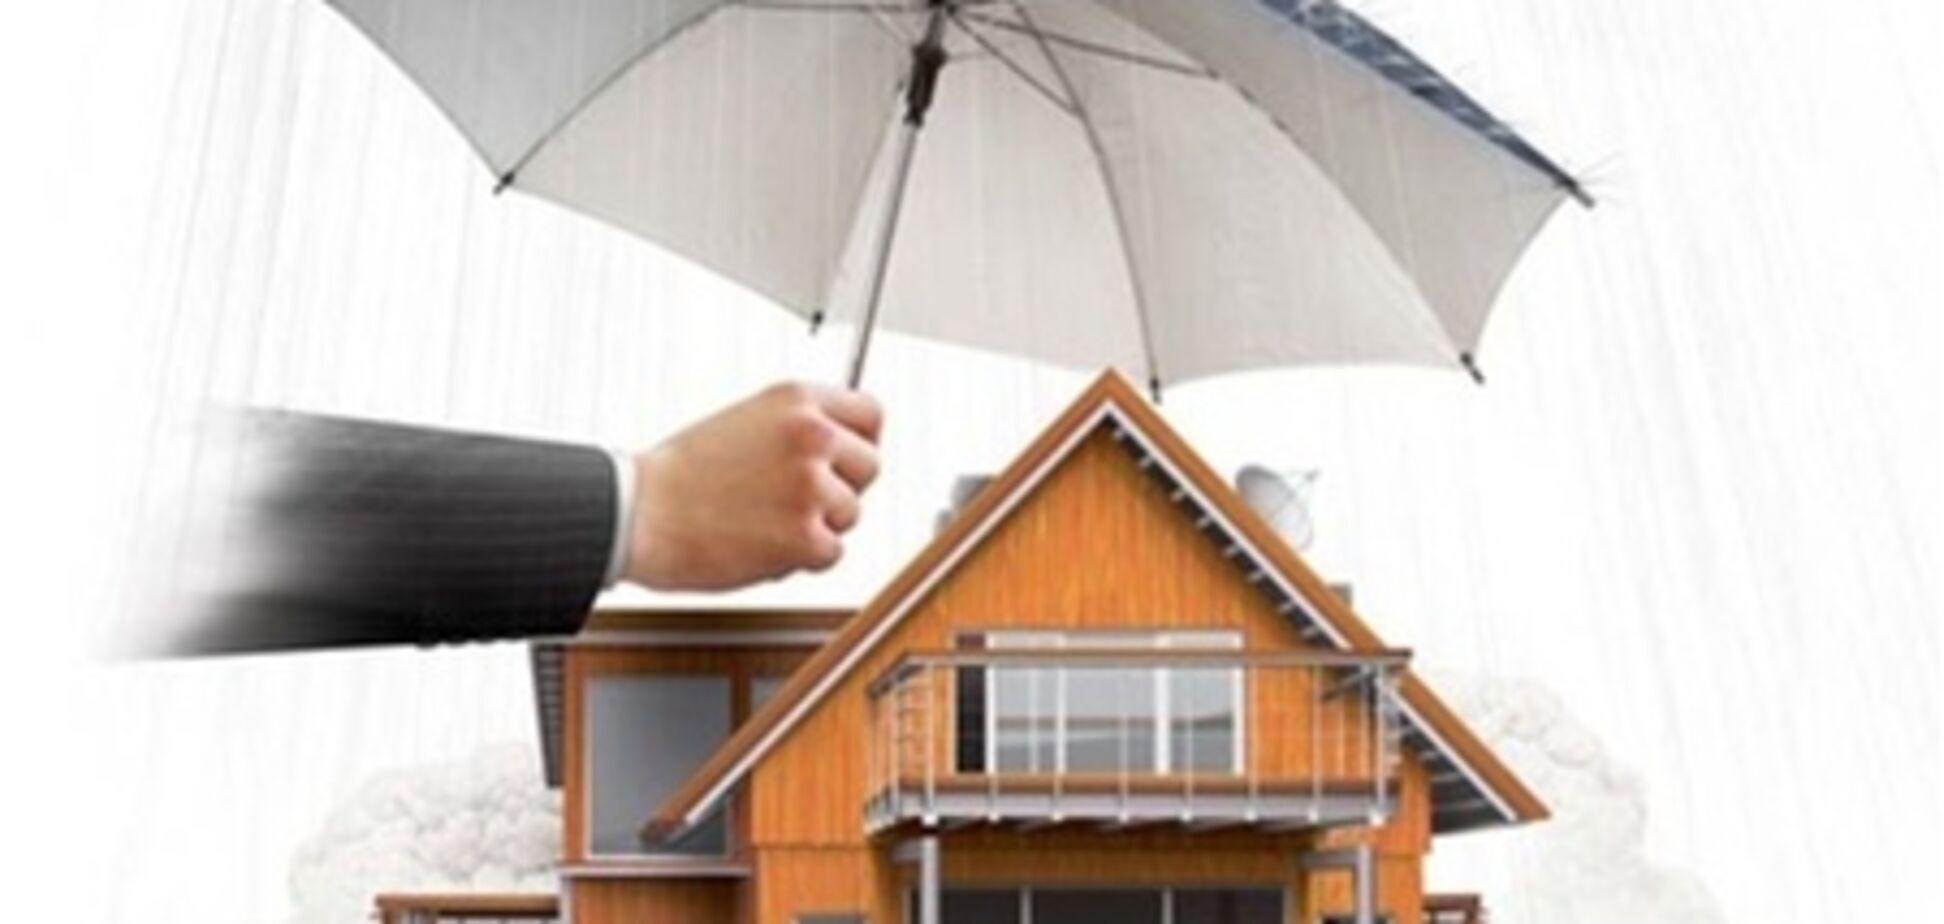 Страхование жилья: плюсы и минусы